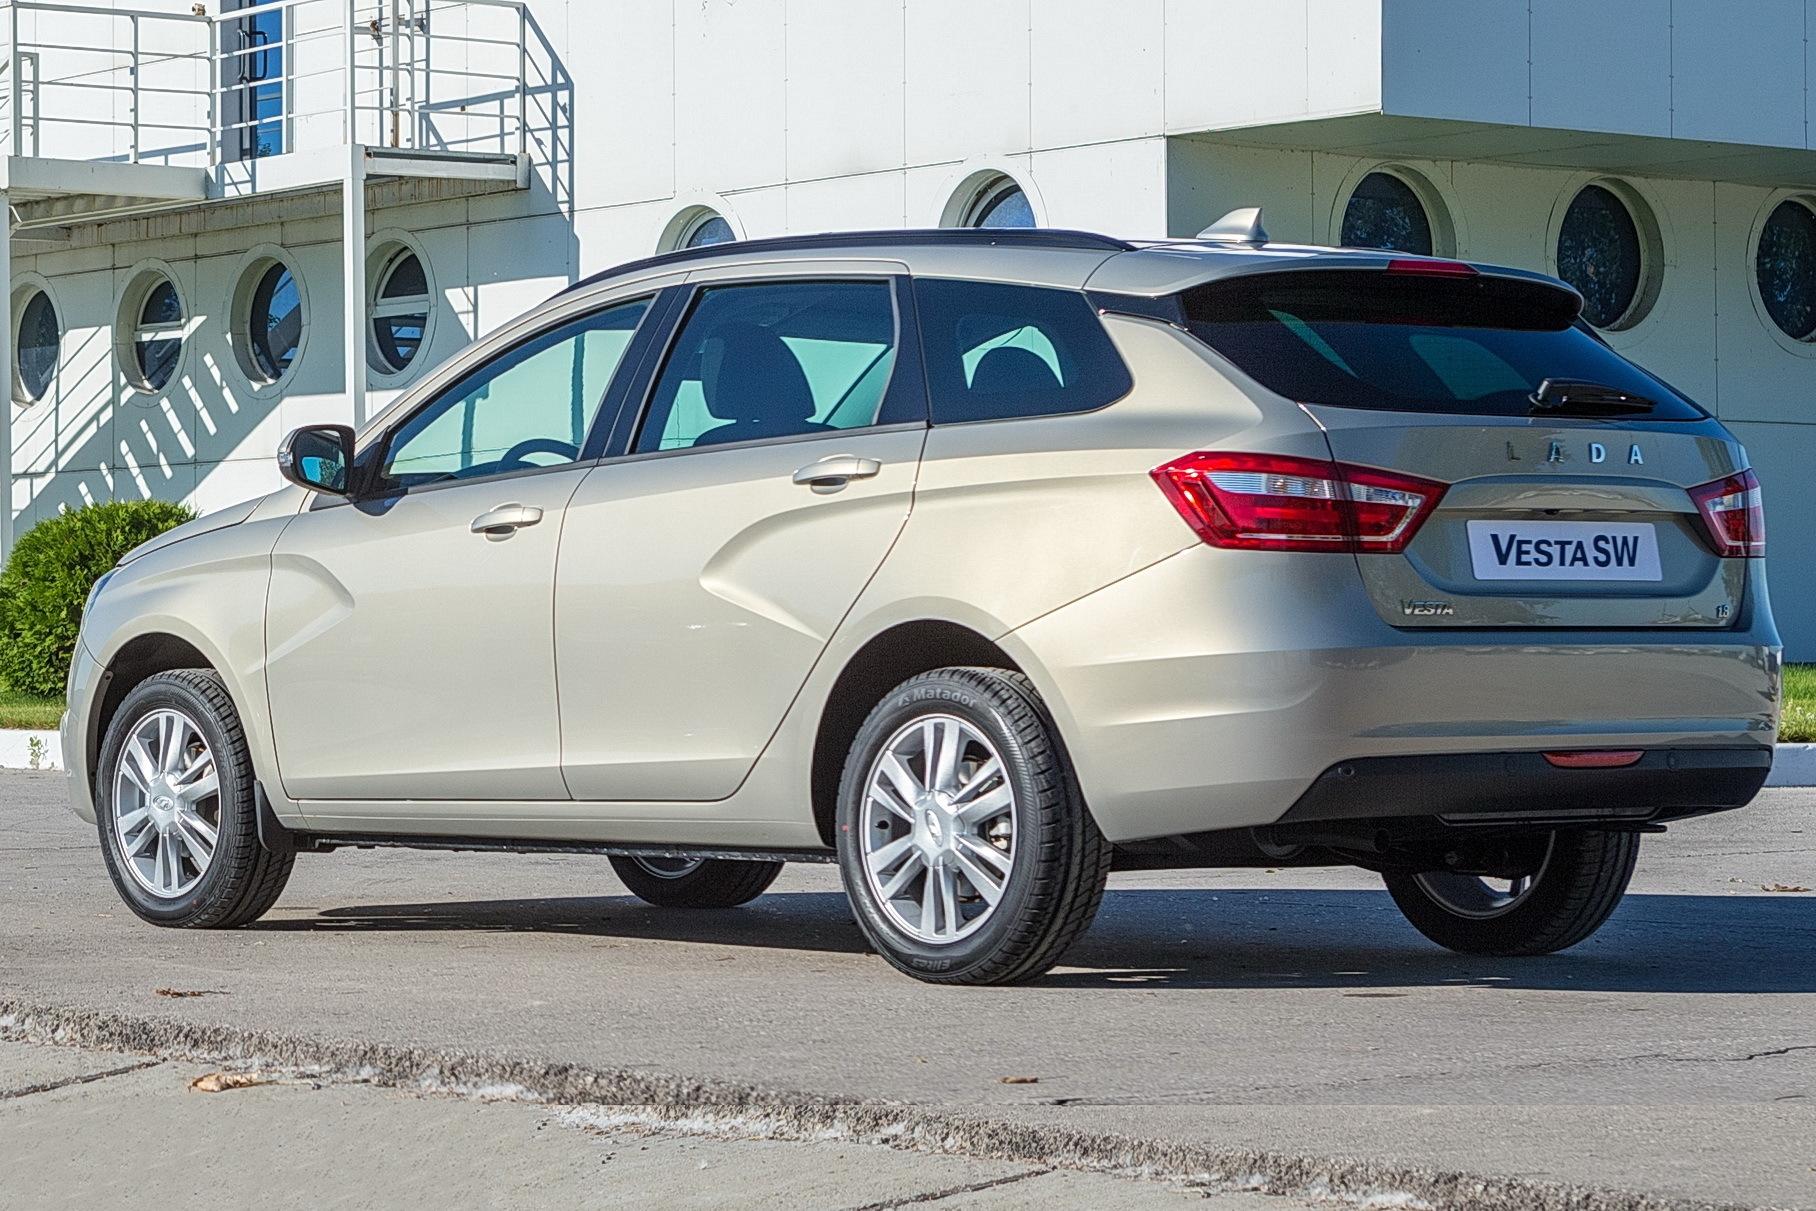 АвтоВАЗ нашел способ снизить цену Lada Vesta